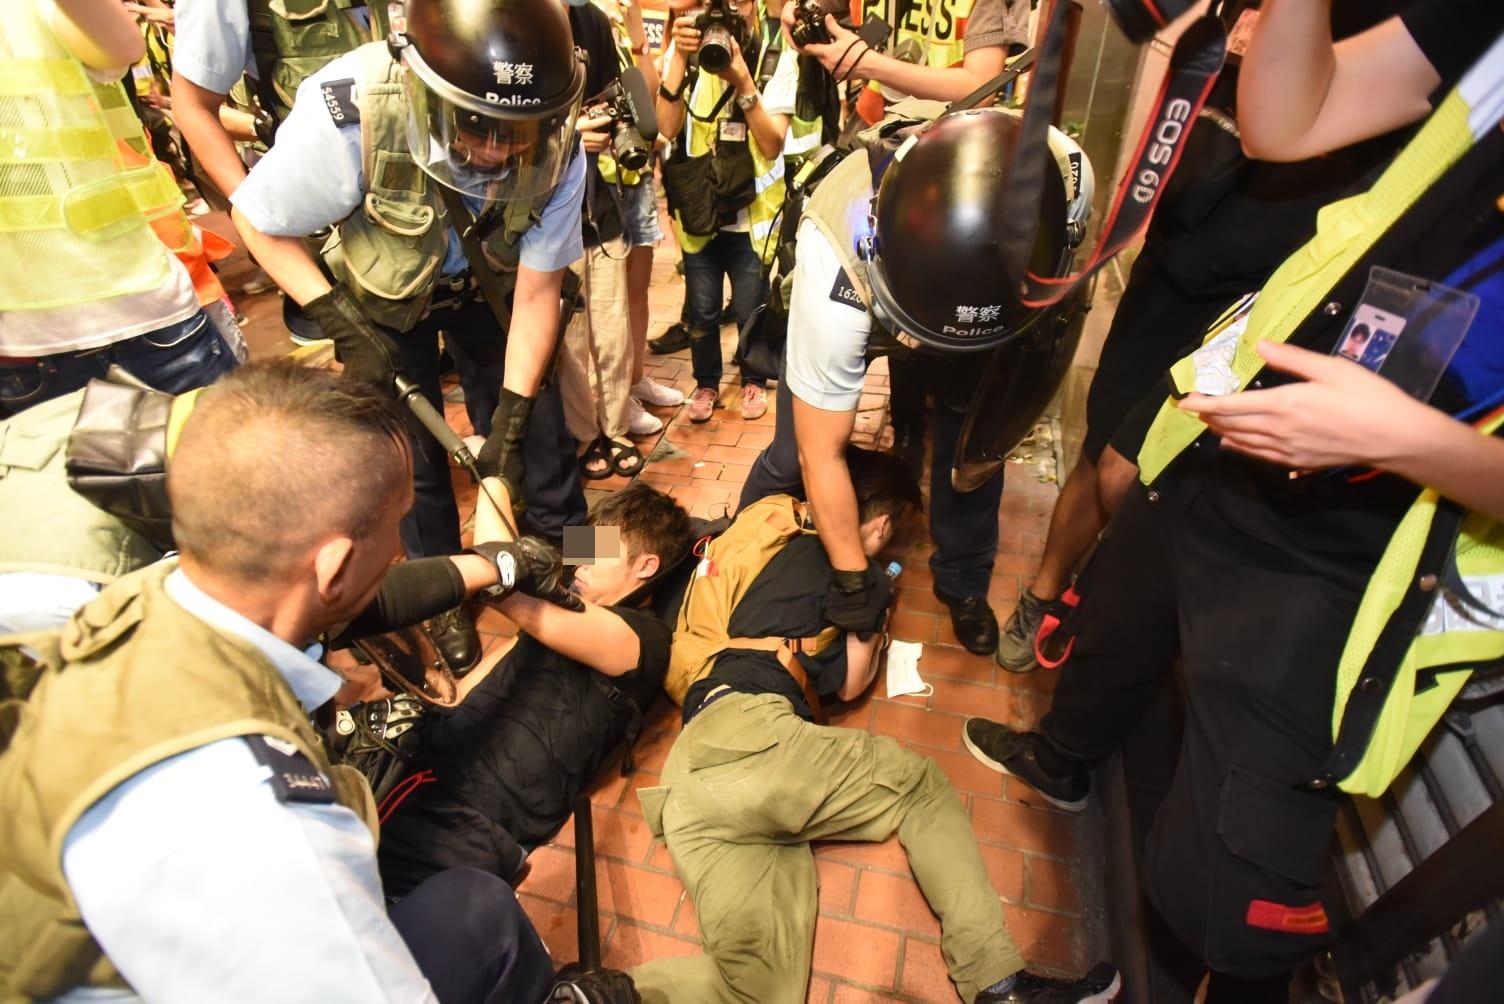 有示威者被按在地上。